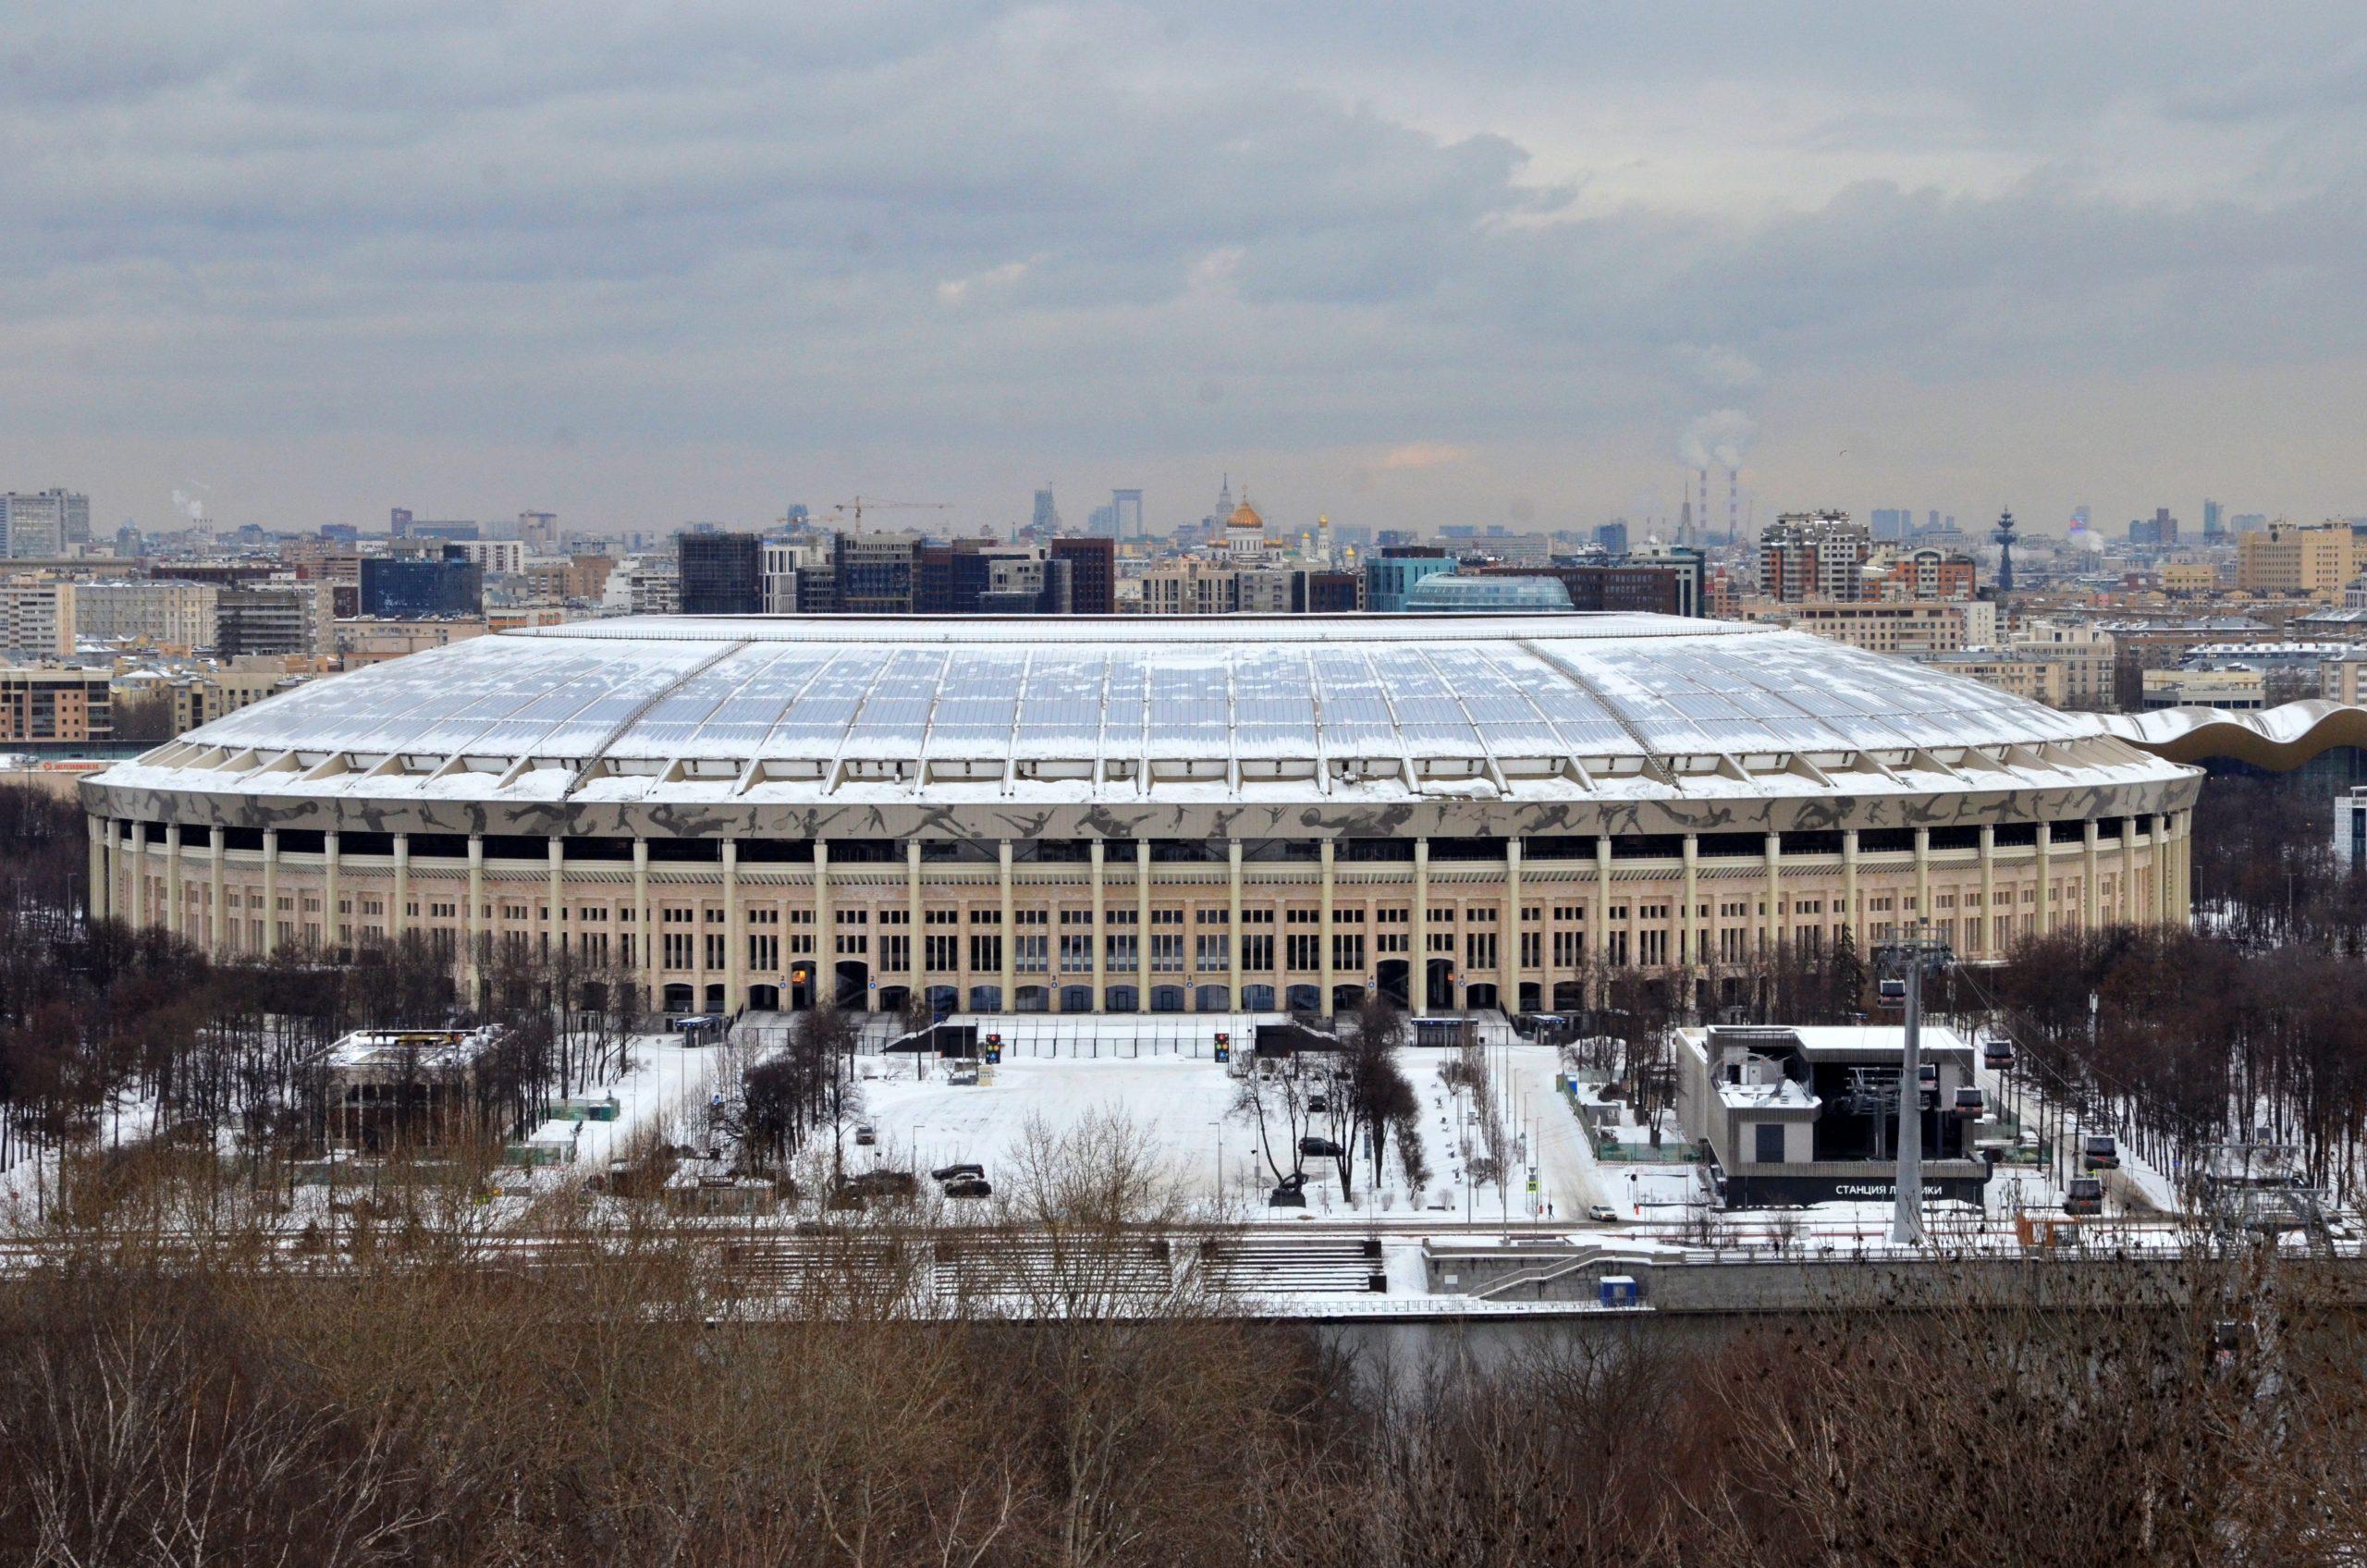 Всероссийский фестиваль прыжков с шестом пройдет в «Лужниках». Фото: Анна Быкова